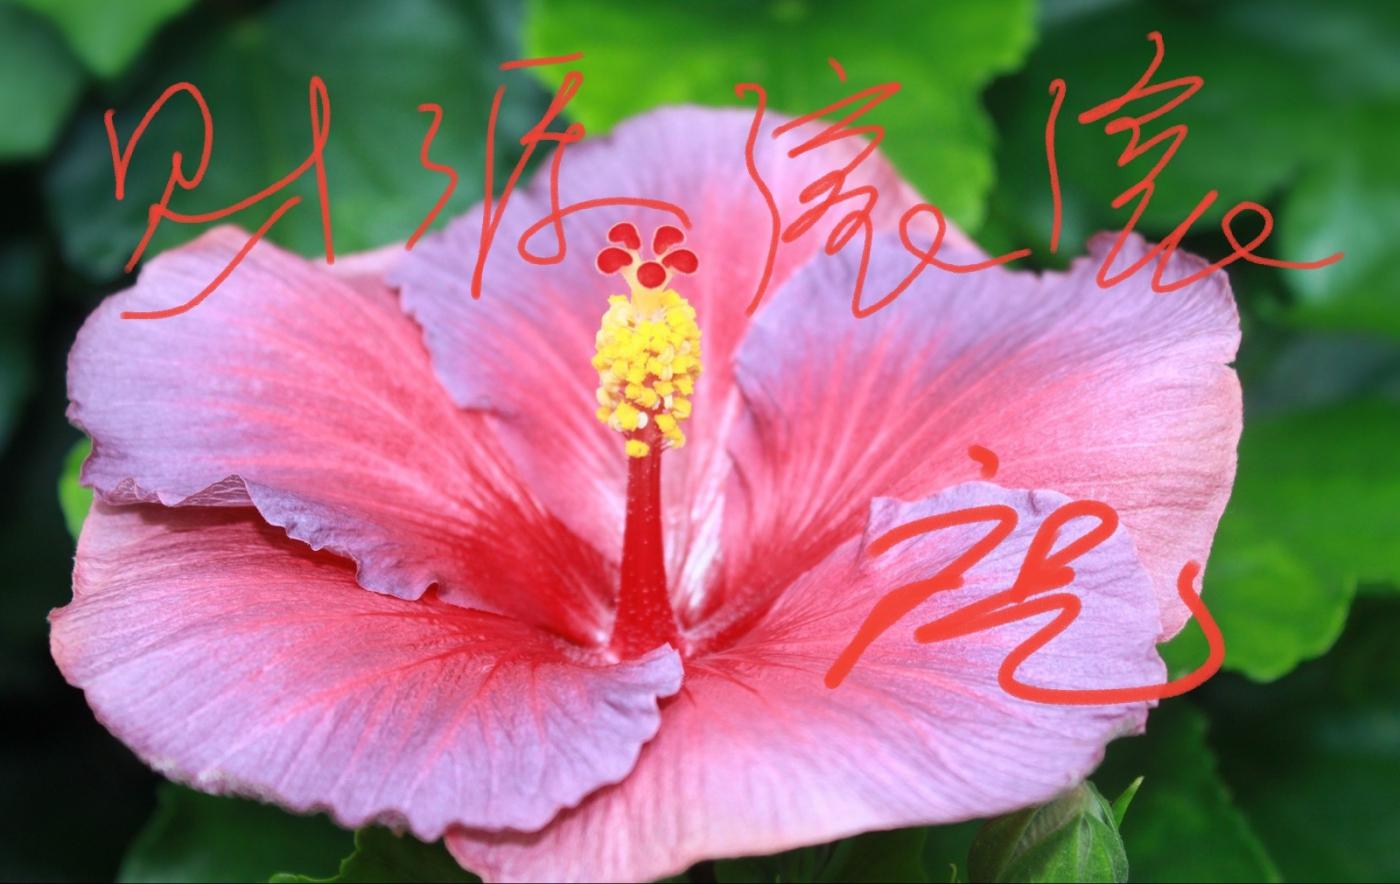 [田螺摄影]把祝福写进花开里 新年好!_图1-8